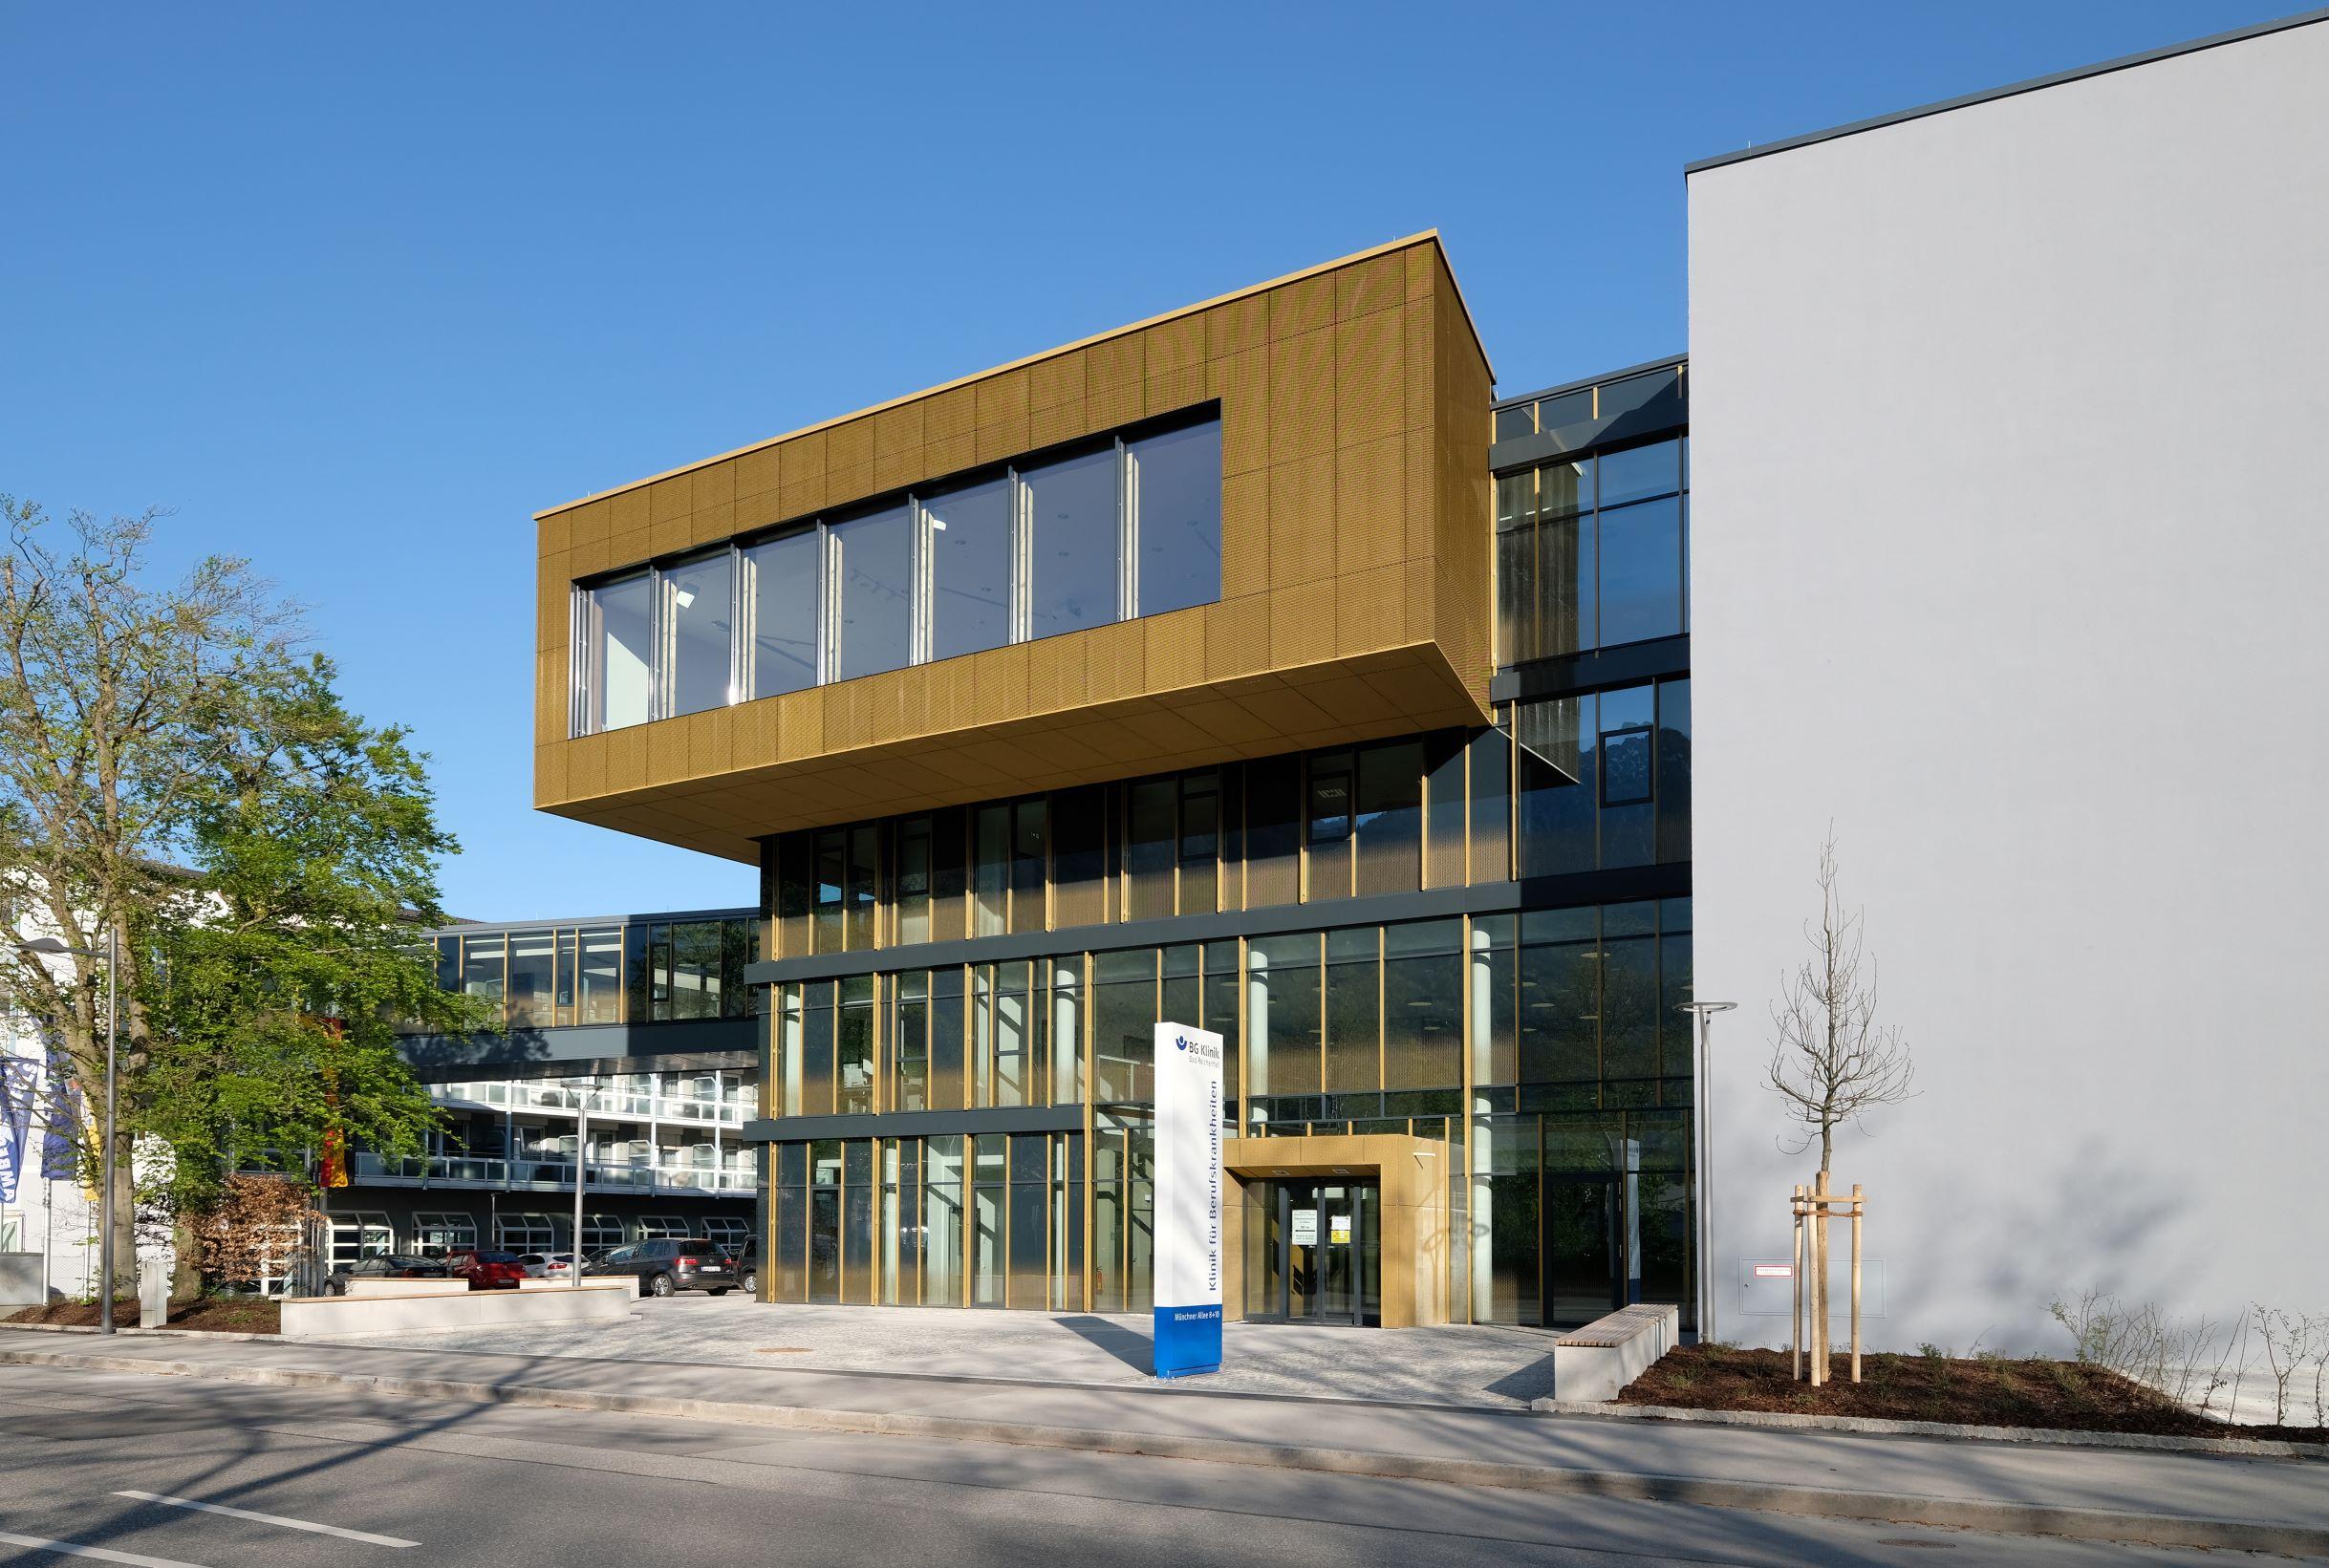 BG Klinik Bad Reichenhall Aussen